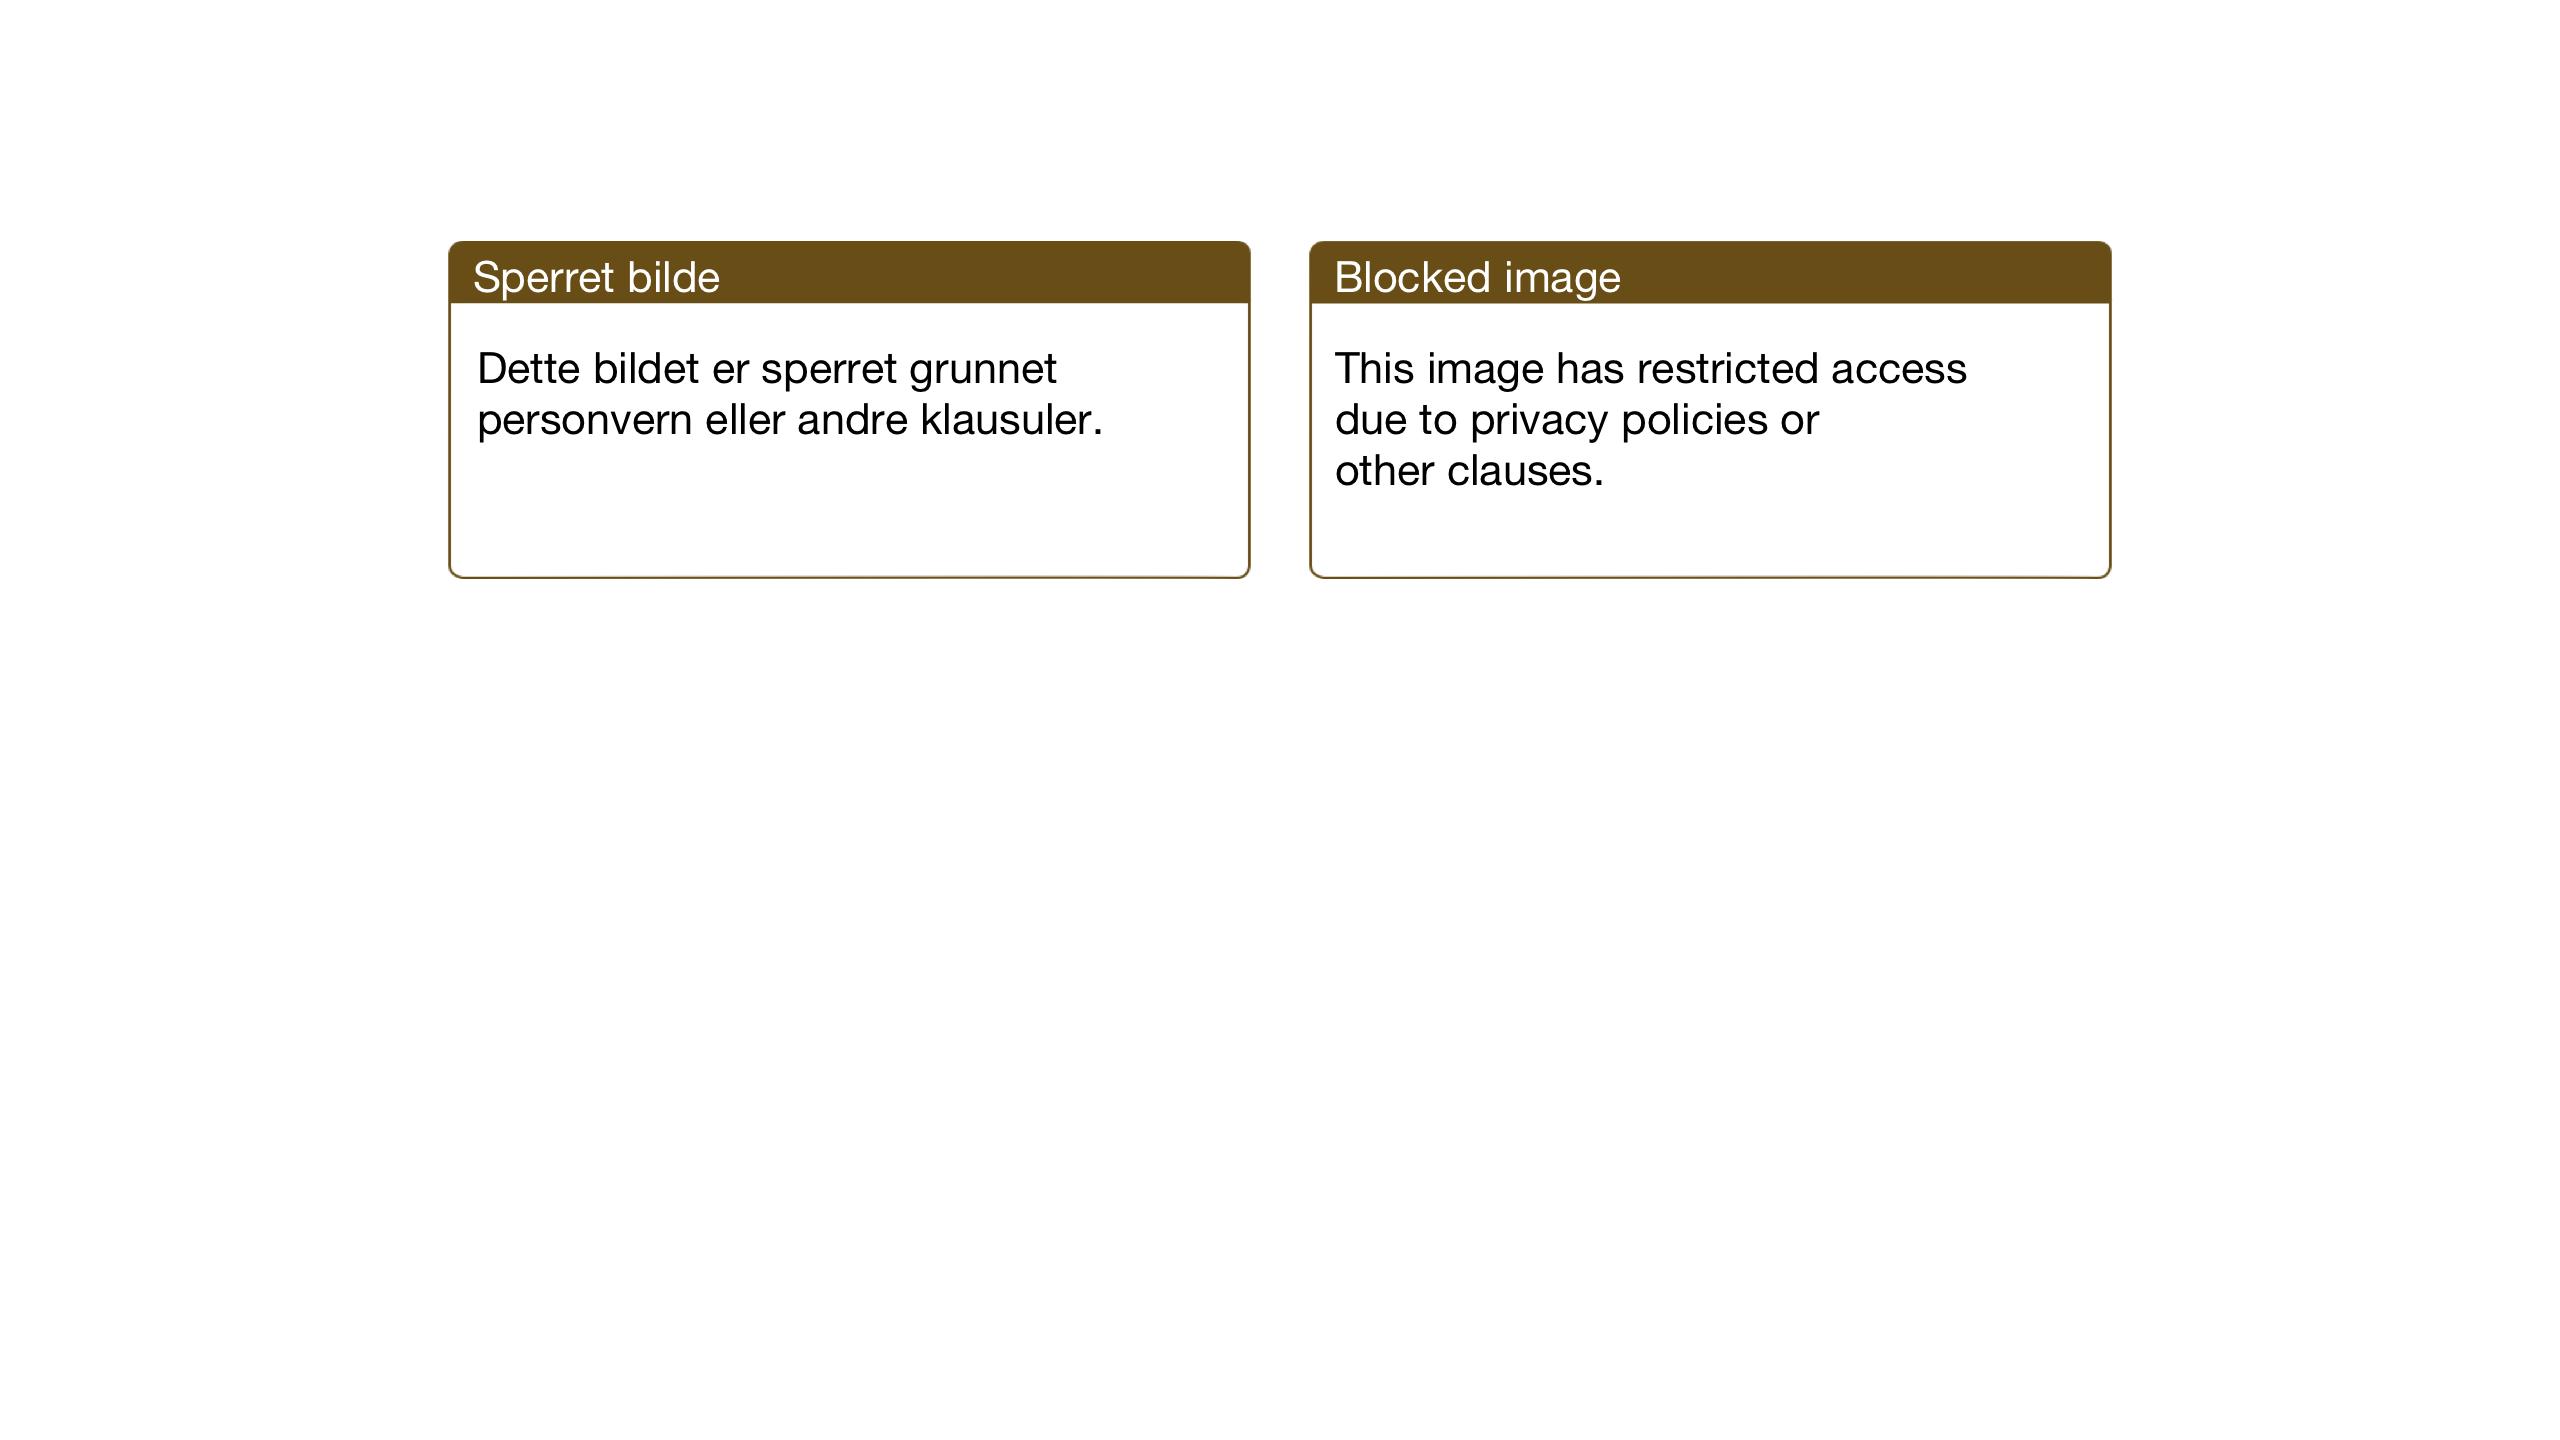 SAT, Ministerialprotokoller, klokkerbøker og fødselsregistre - Nord-Trøndelag, 701/L0019: Klokkerbok nr. 701C03, 1930-1953, s. 83